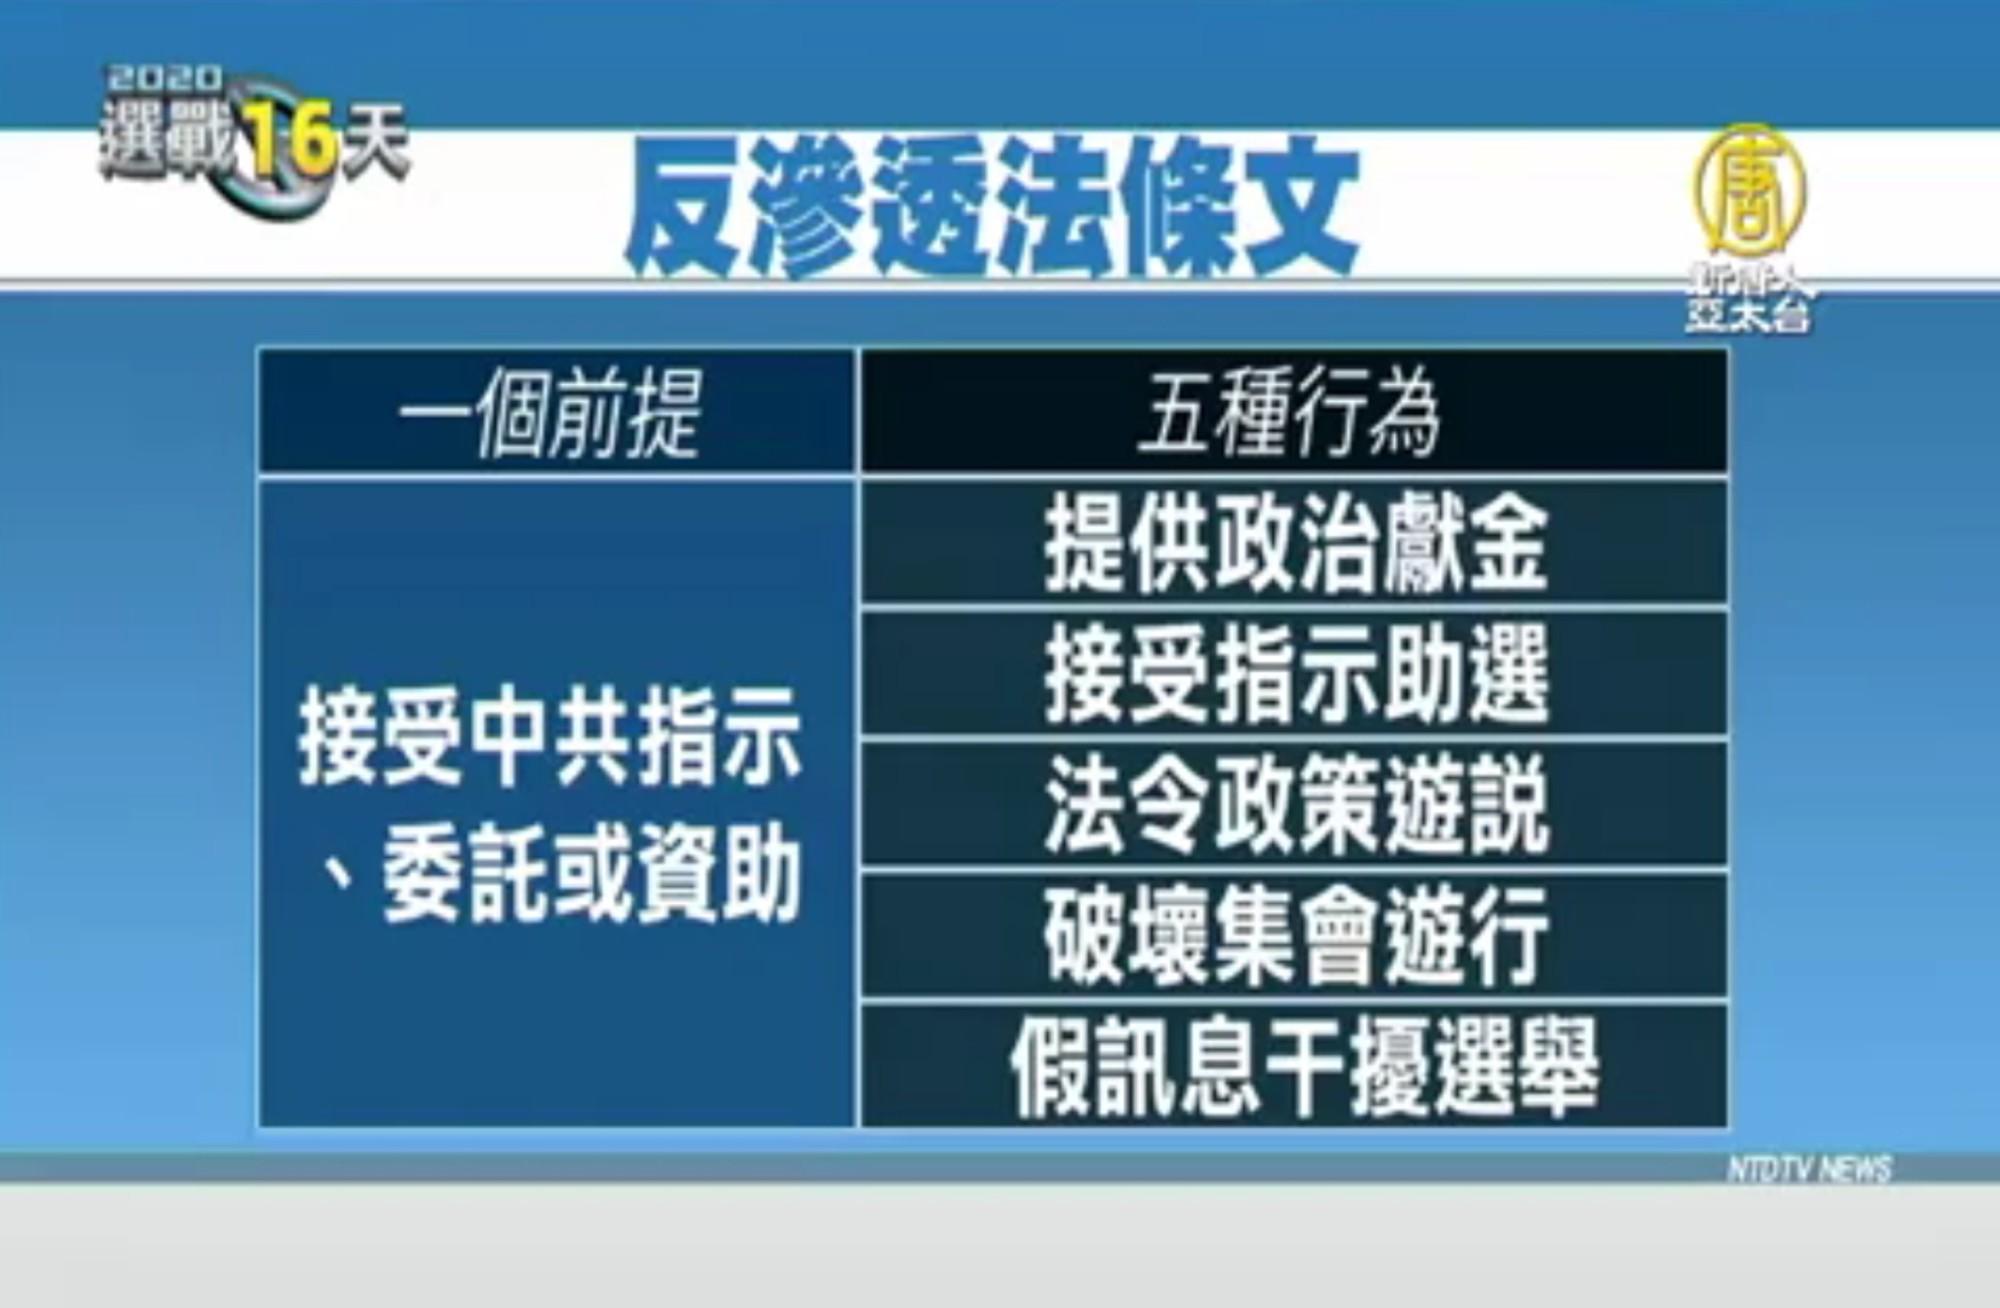 台灣反滲透法2019年12月31日表決,各方爭議不斷。該法規範內容,為一個前提,五種行為。(授權影片截圖)